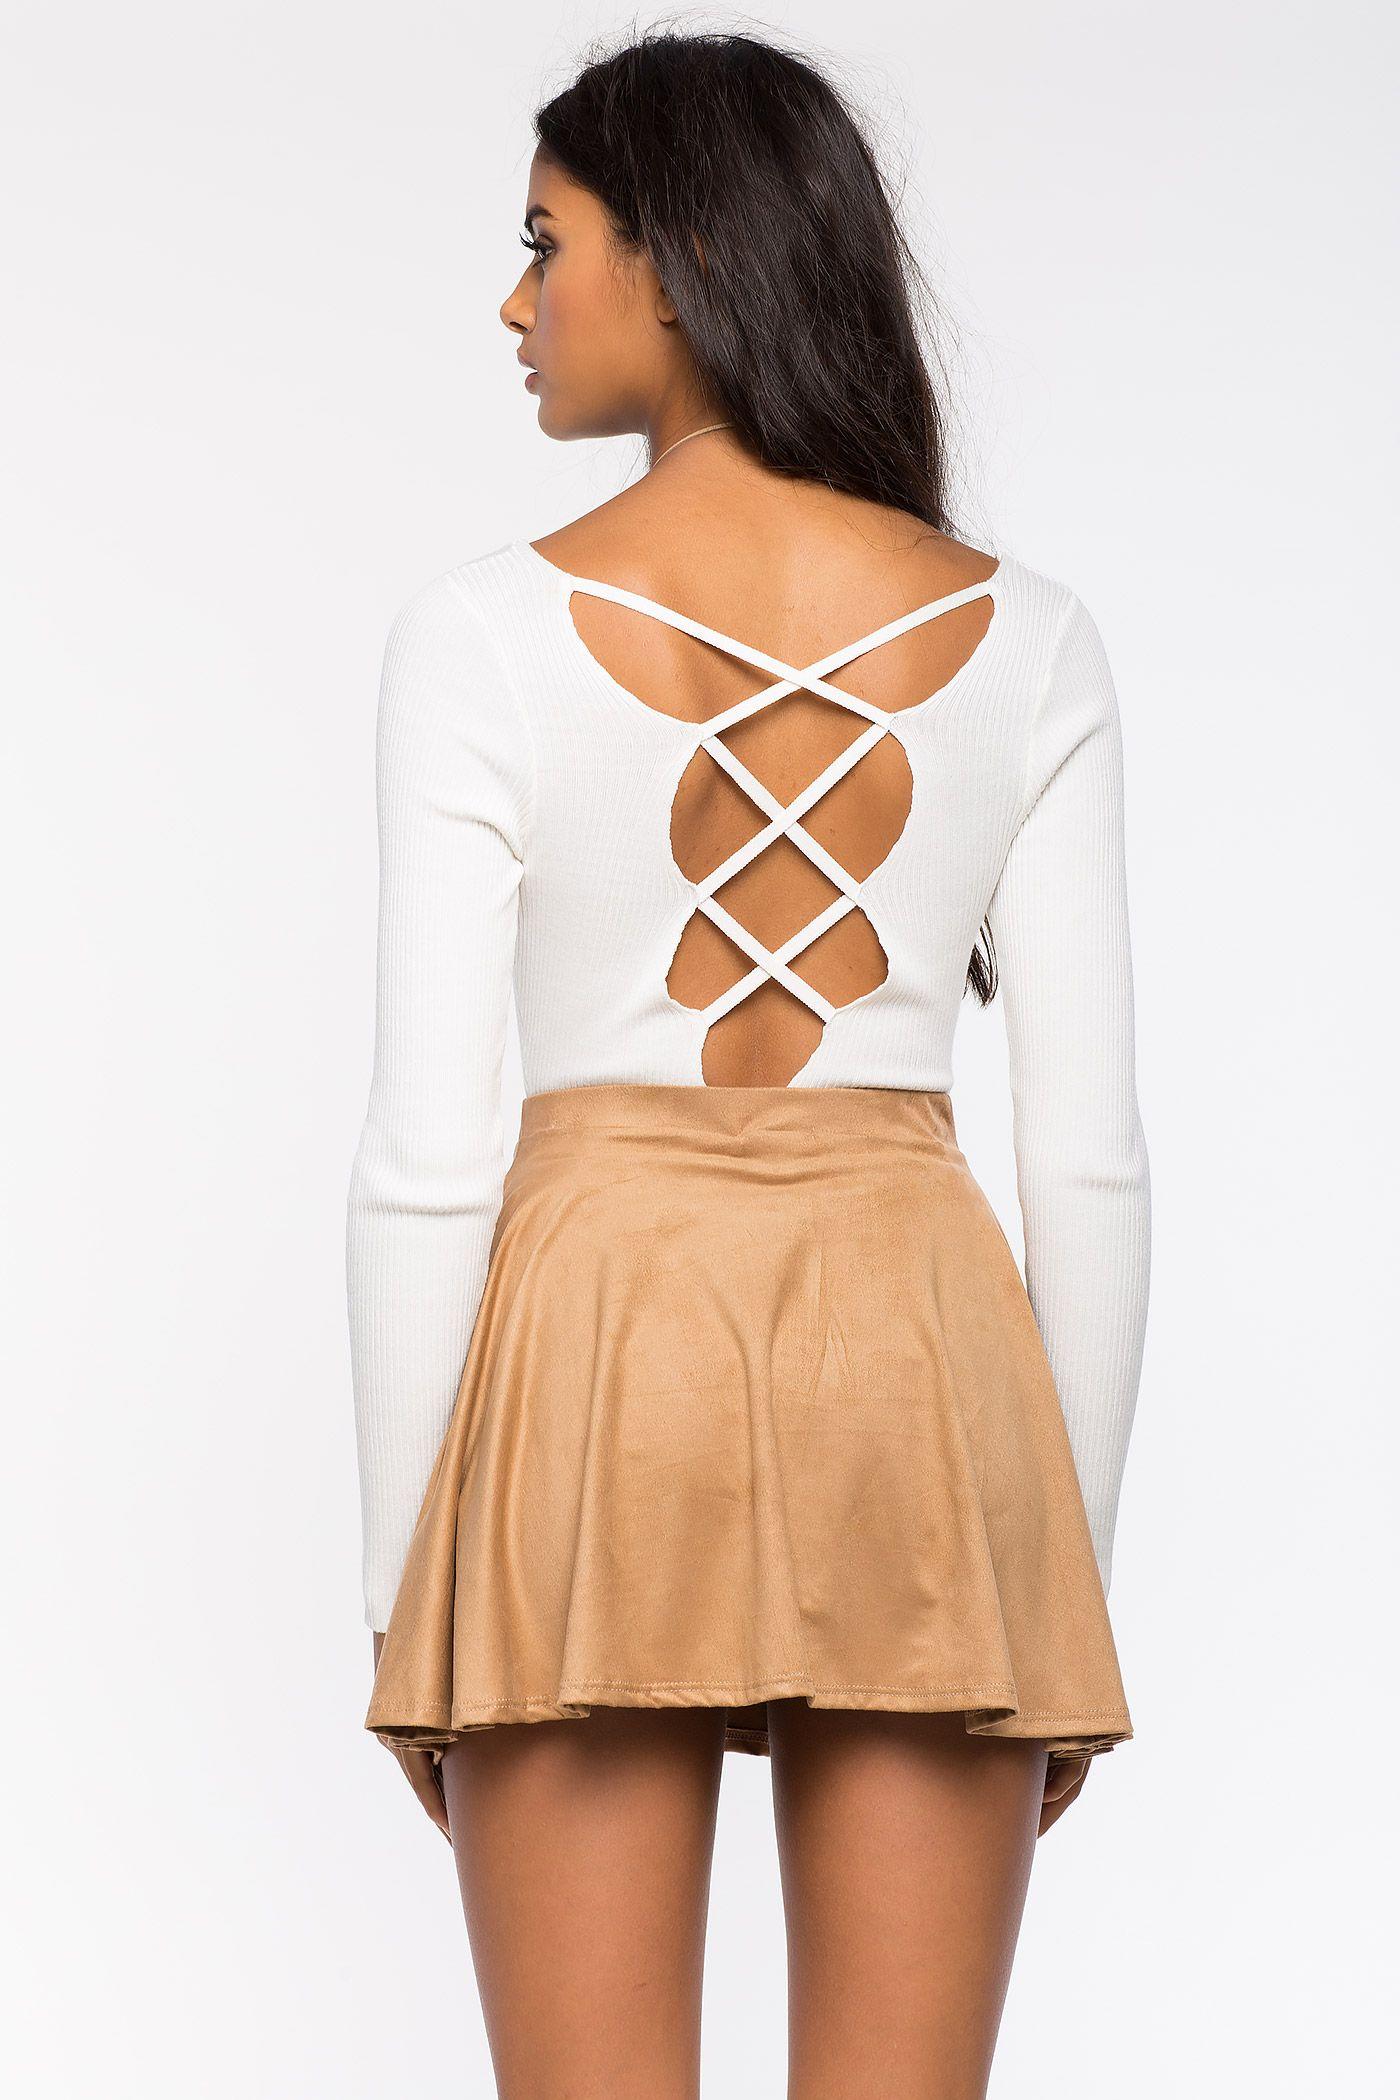 Боди Размеры: S, M, L Цвет: кремовый, черный, винный/бордо Цена: 1557 руб.     #одежда #женщинам #боди #коопт